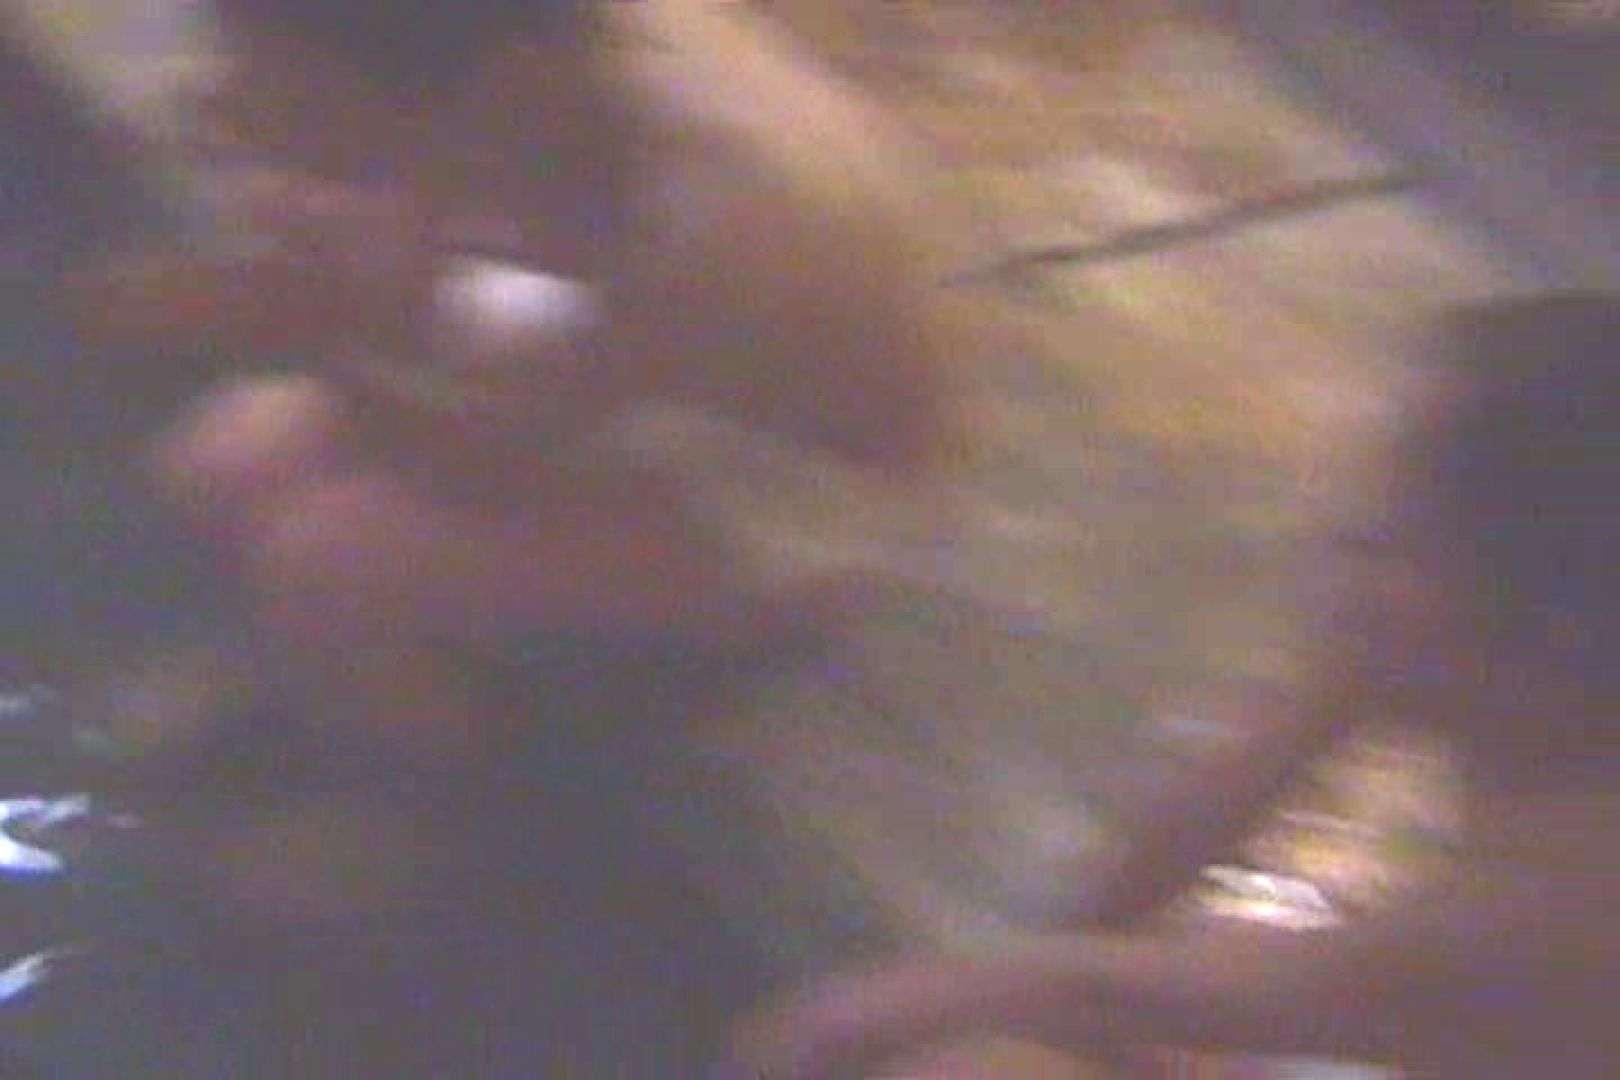 素人投稿シリーズ 盗撮 覗きの穴場 大浴場編 Vol.5 覗き すけべAV動画紹介 107連発 39